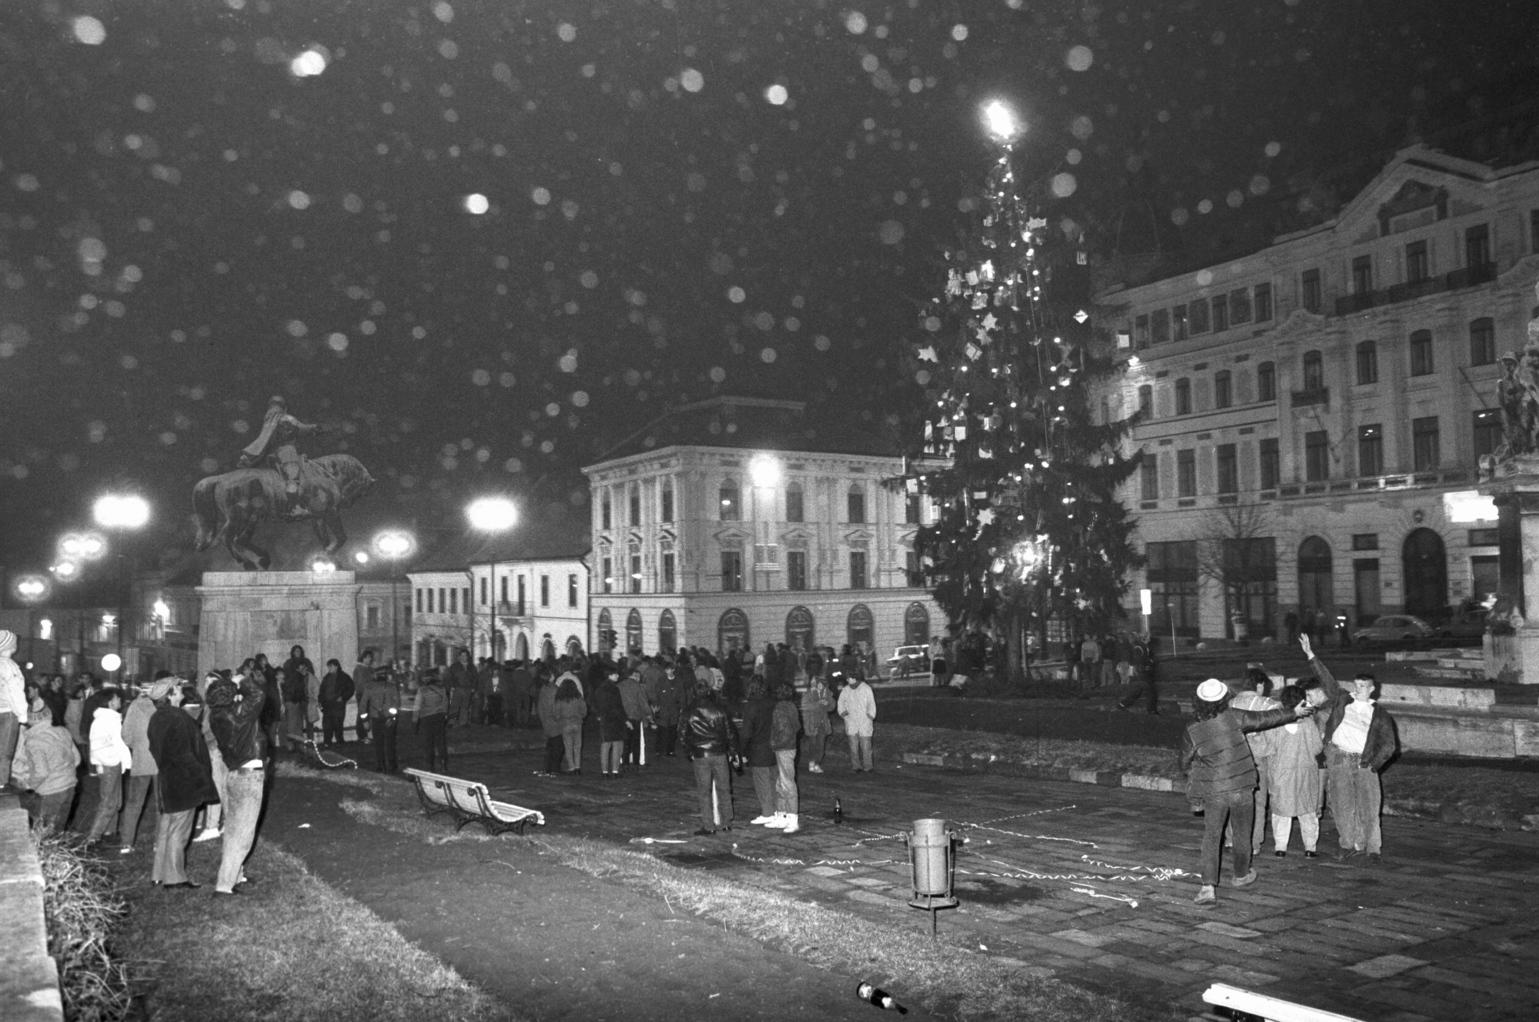 """Pécs, 1989. december 31. Az új évet ünneplők jókedvű csoportjai éjfél után a város karácsonyfájánál. Vidáman, jó hangulatban búcsúztatták az óévet Pécs lakói. A szórakozóhelyeken teltház volt, a nevesebb éttermekben már egy hónappal korábban lefoglaltak minden helyet a hazai és külföldi vendégek. A koccintást követően még sokan ünnepeltek a Széchenyi téren álló """"mindenki"""" karácsonyfája körül. MTI Fotó: Kálmándy Ferenc"""